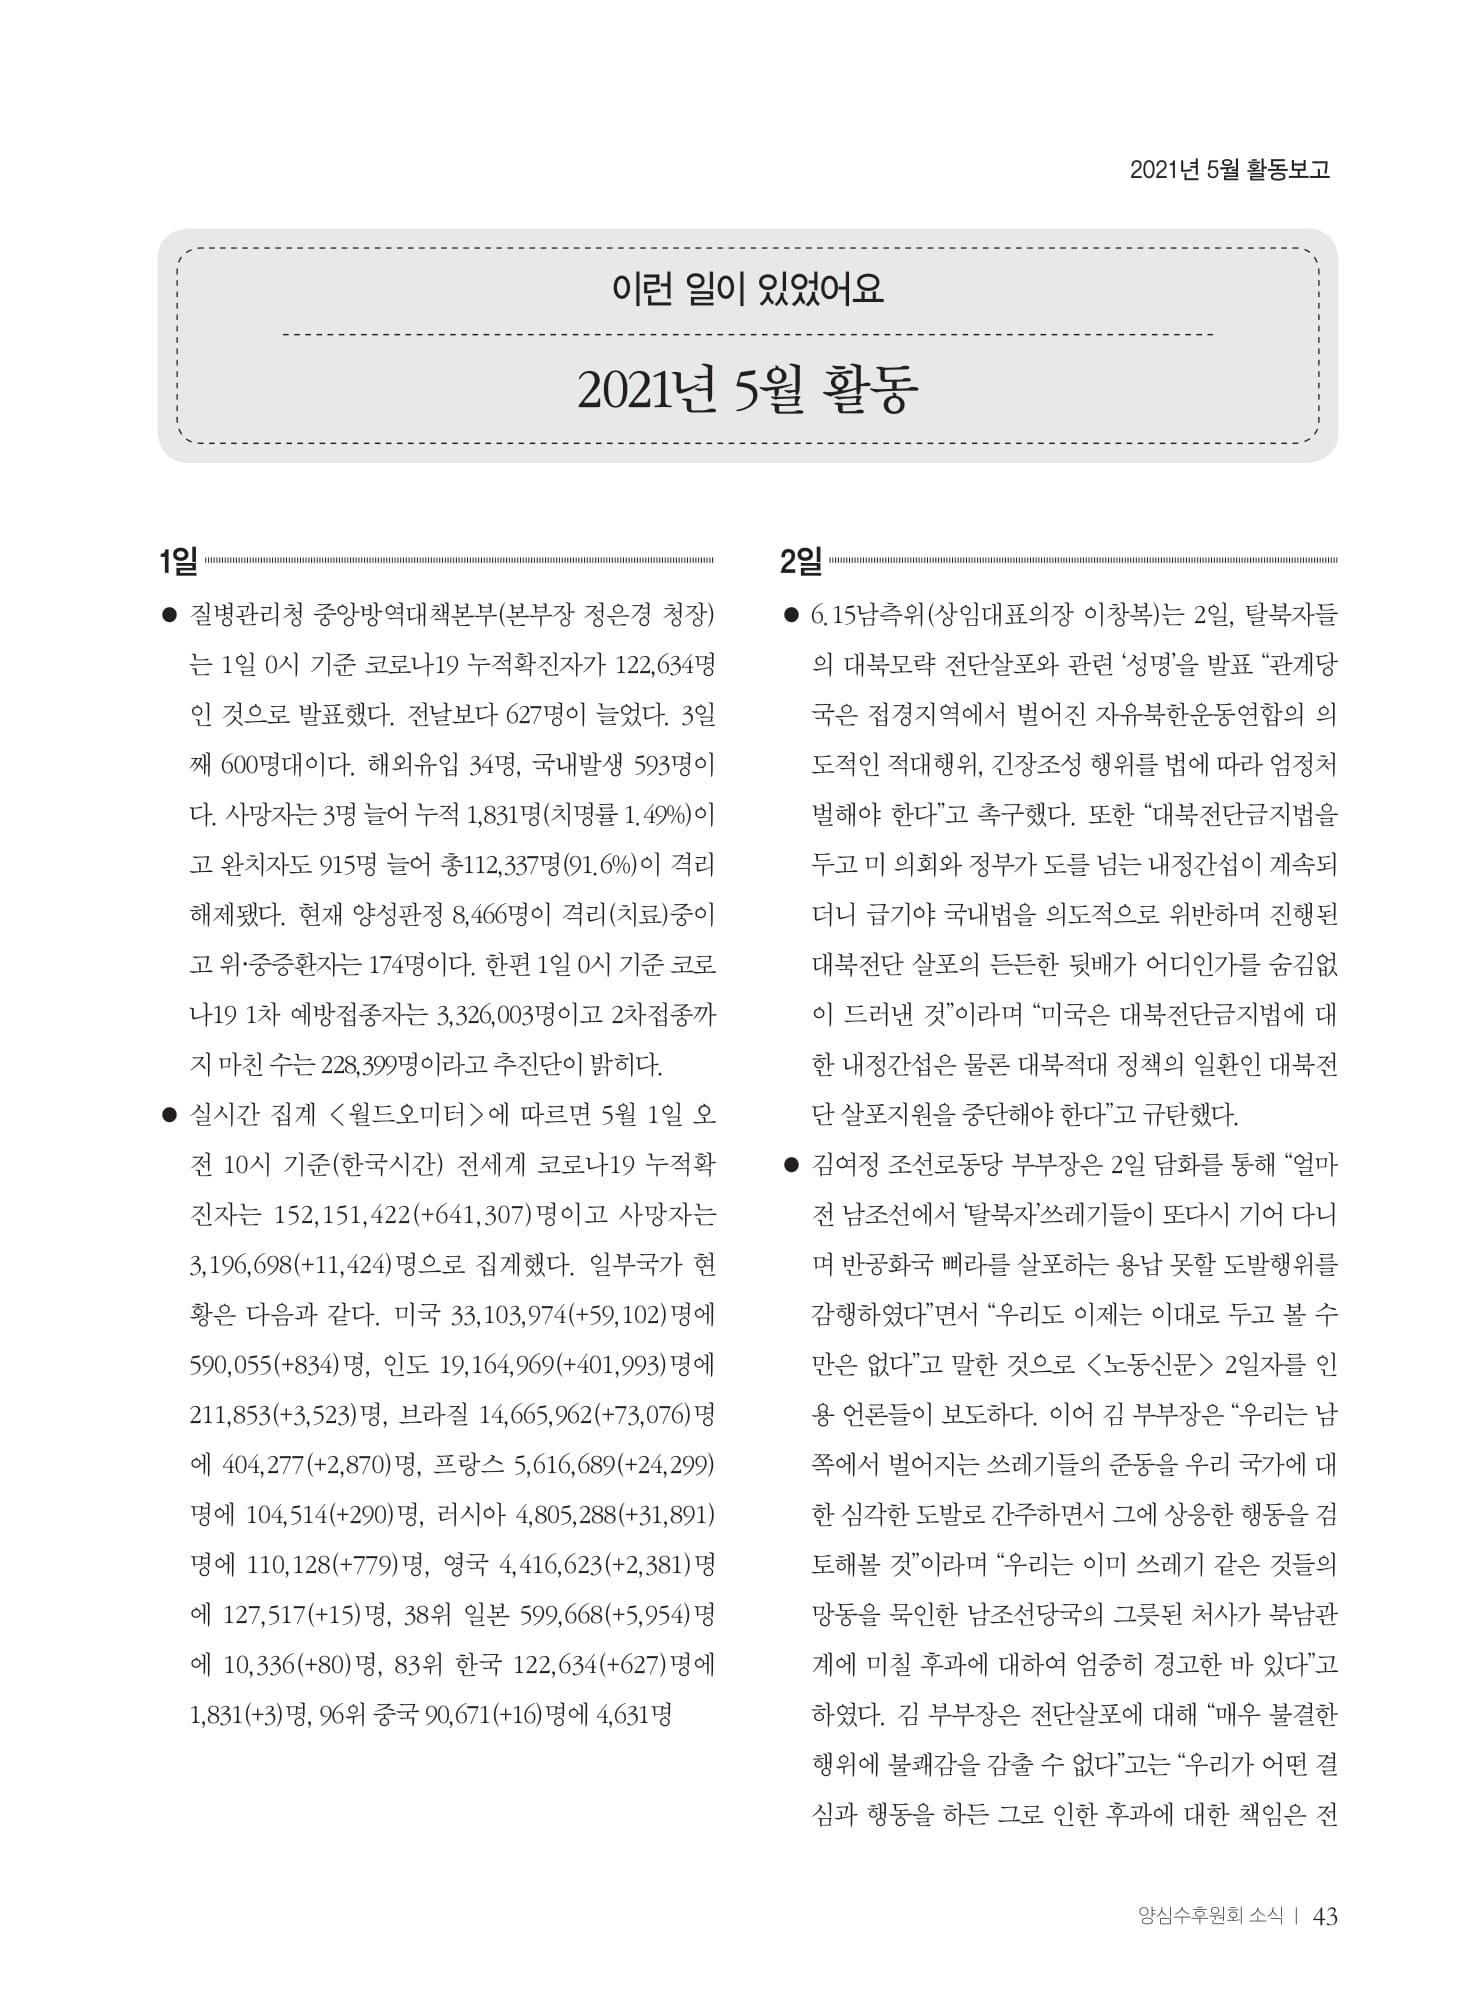 [양심수후원회] 소식지 354호 web 수정-45.jpg